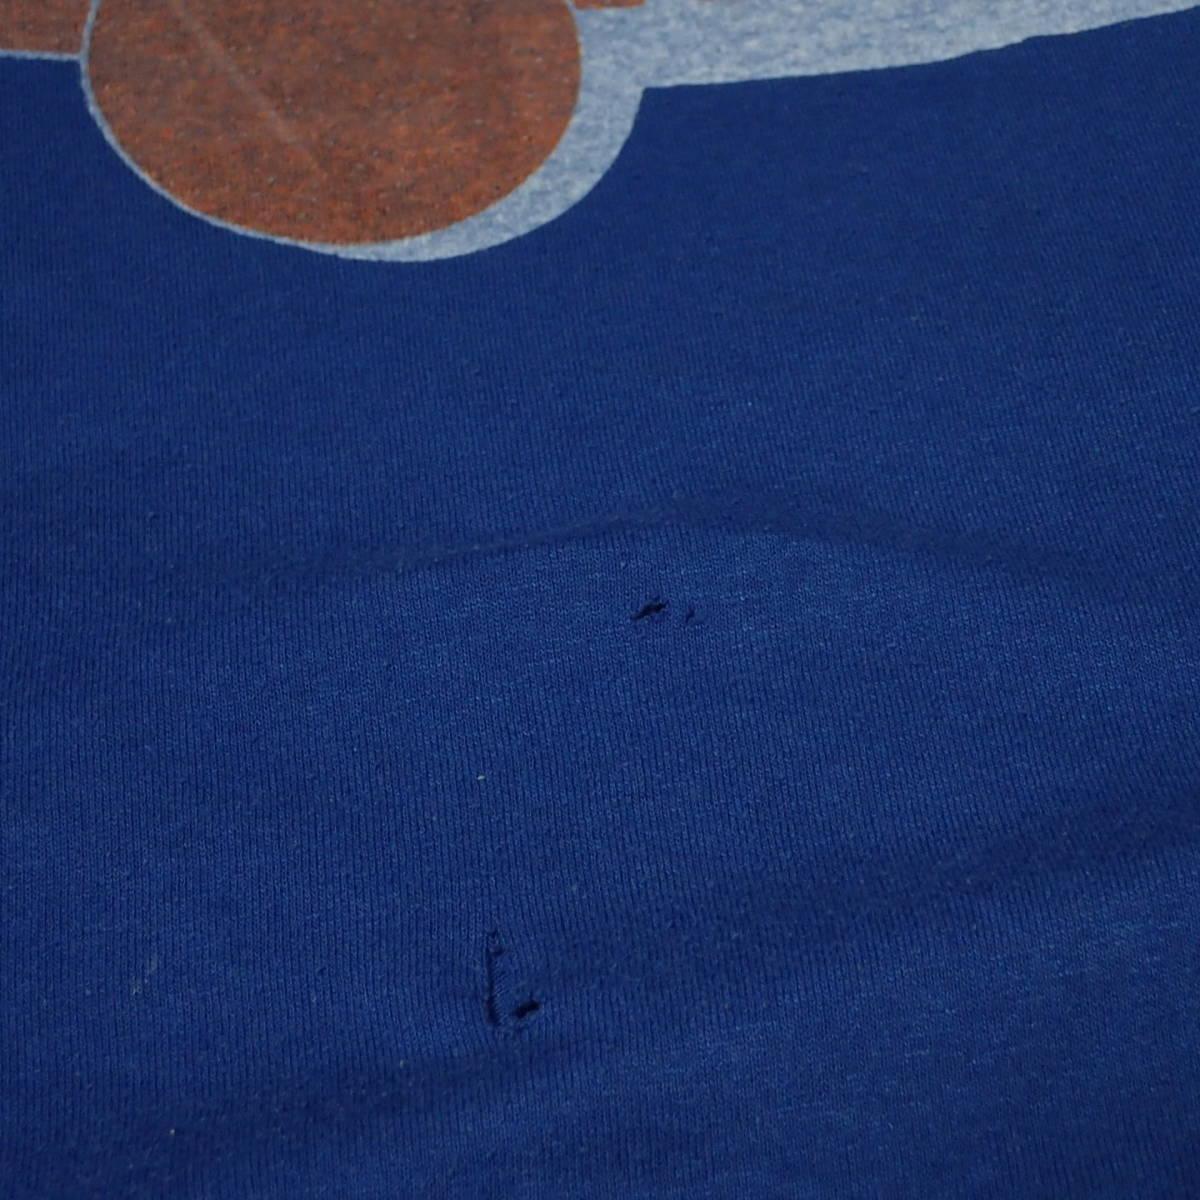 ■ 90s CLOCKWORK ORANGE Vintage T-shirt ■ 時計じかけのオレンジ ヴィンテージ Tシャツ 当時物 本物 映画 ムービー_画像8